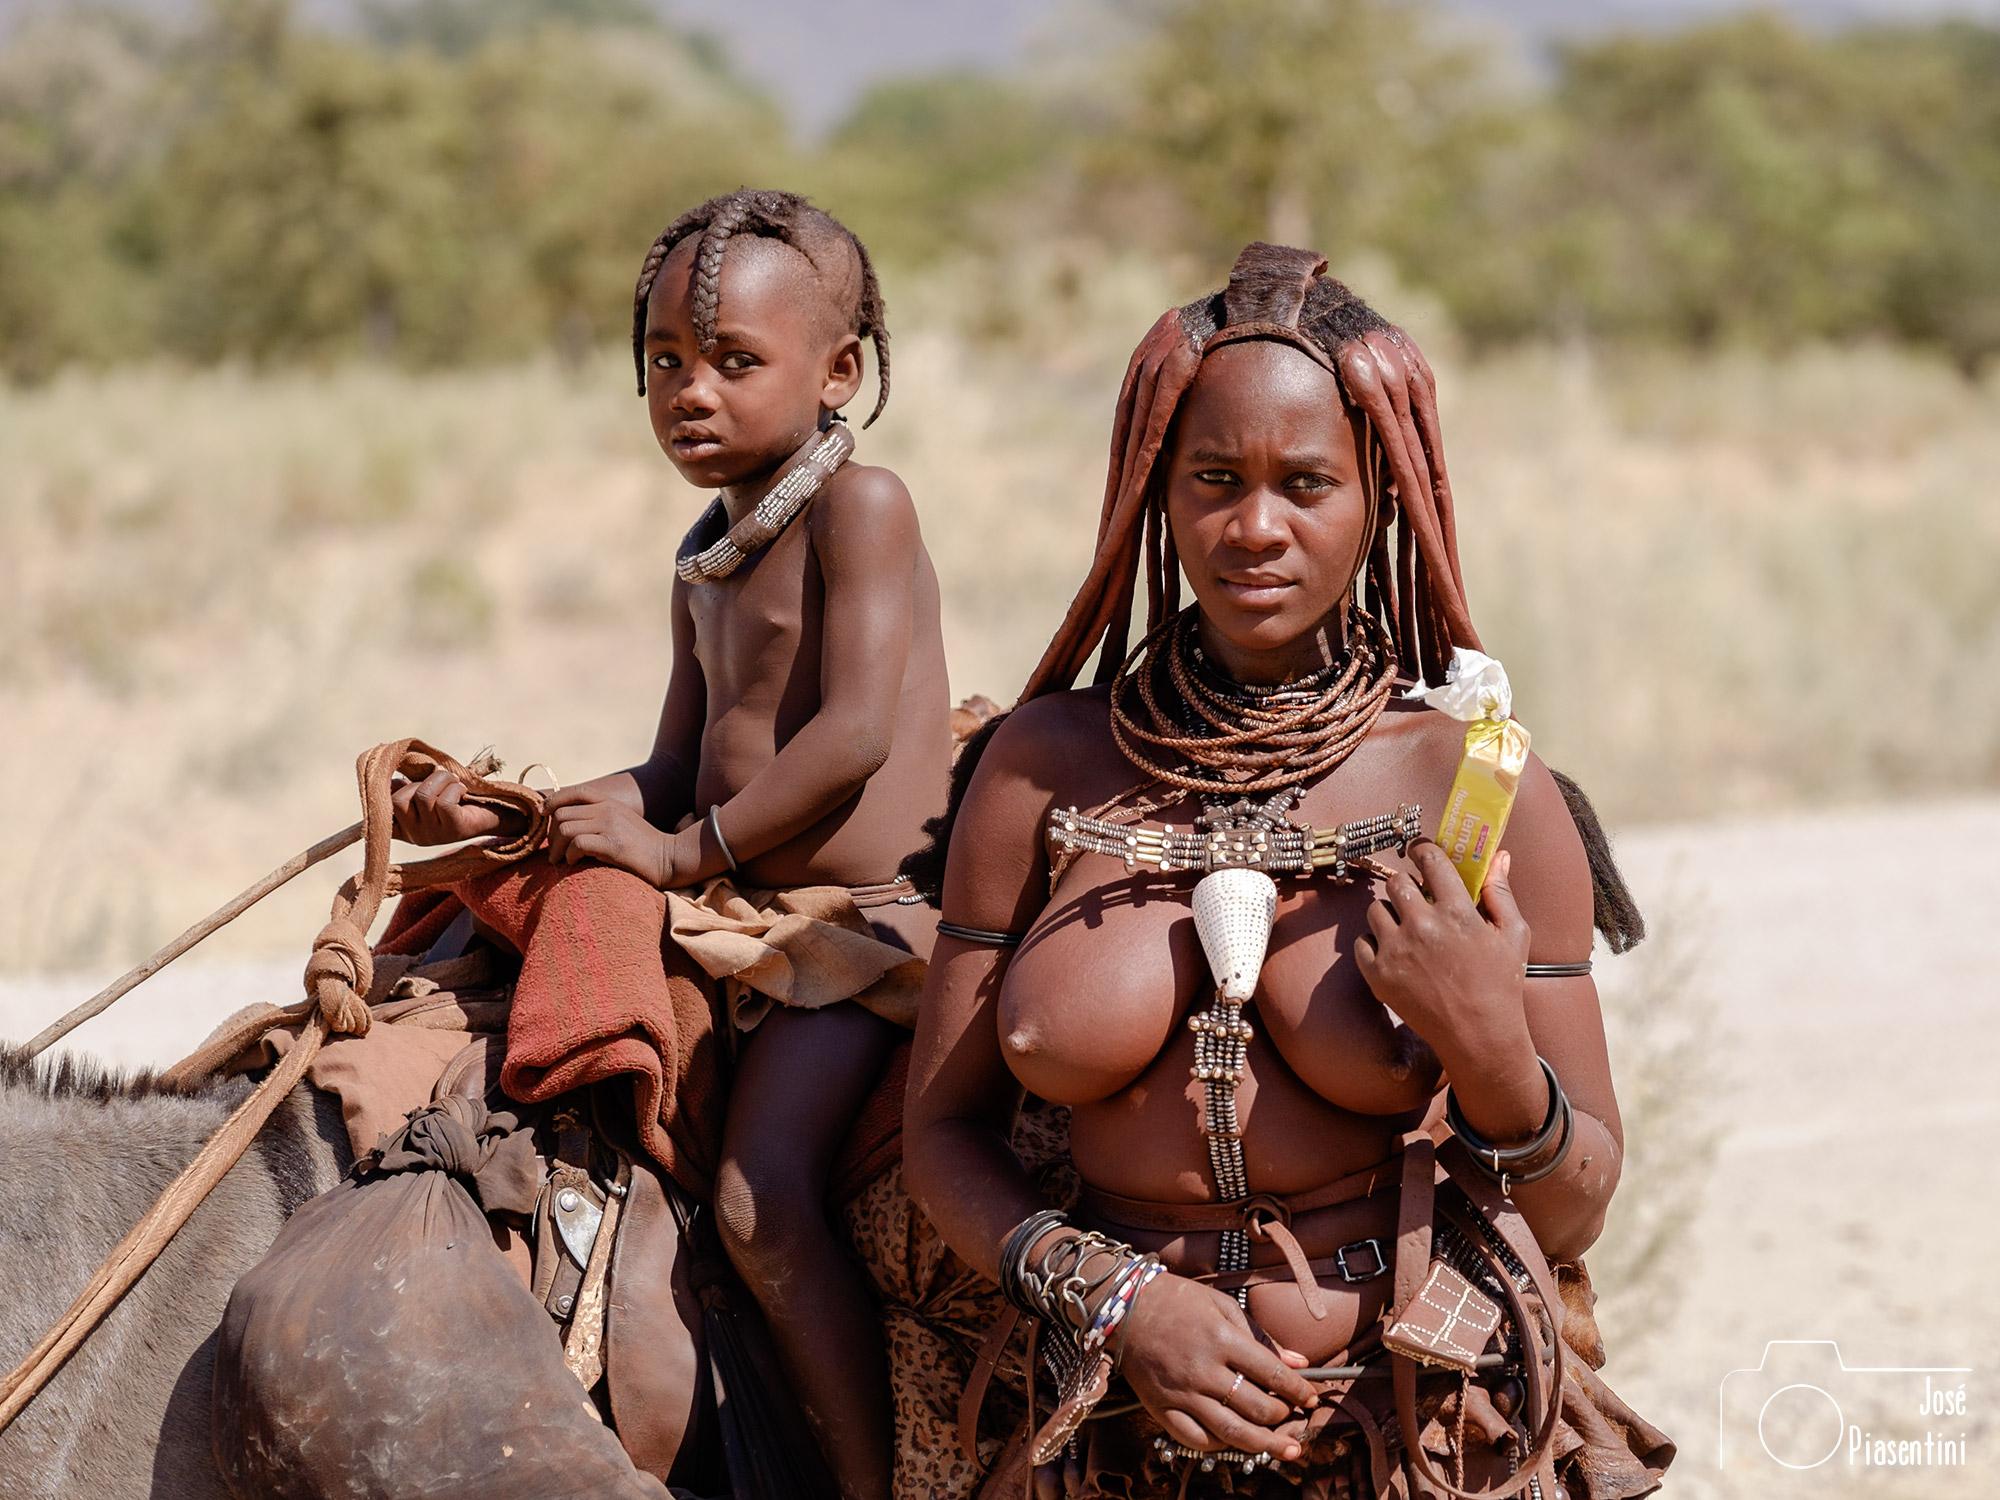 Himba bushman